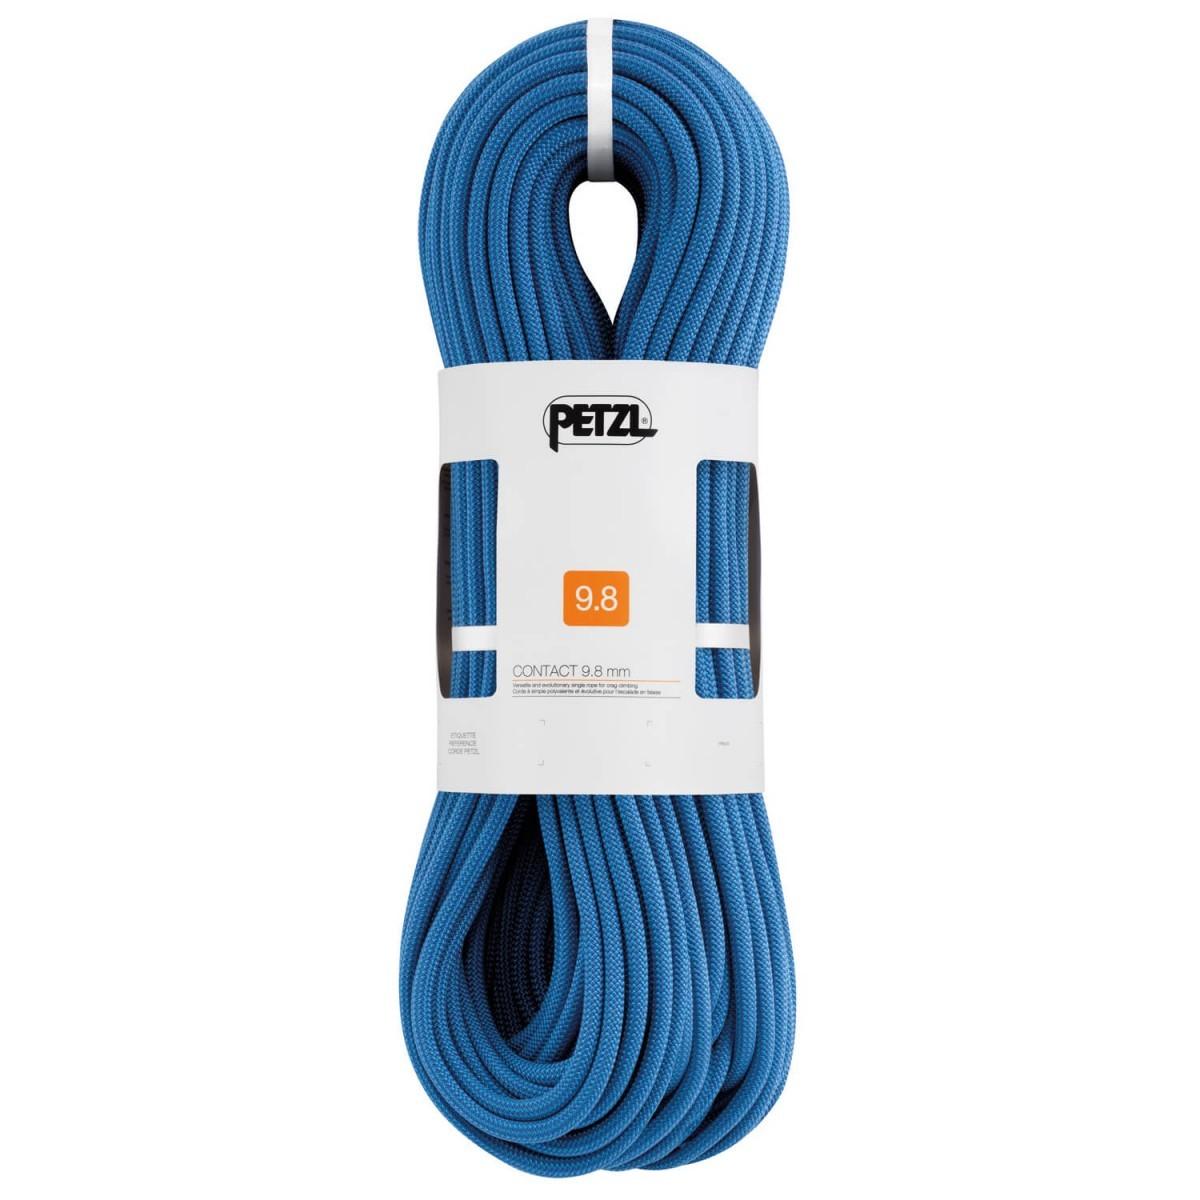 PETZL ペツル Contact 9.8(70m - Blue)★ロープ・ザイル・登山・クライミング★